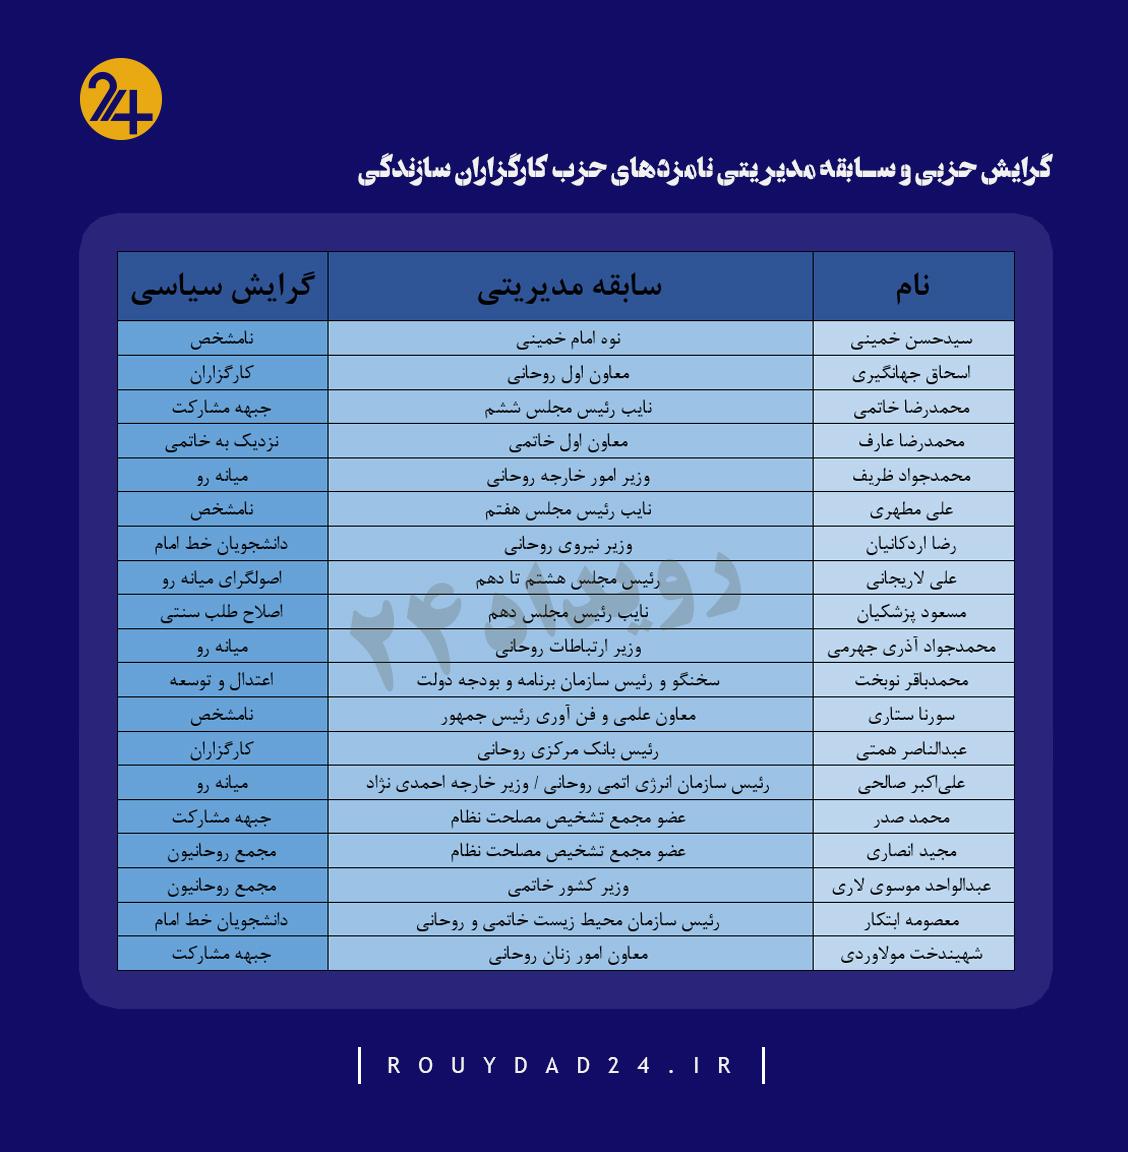 کارگزاران سازندگی انتخابات ۱۴۰۰